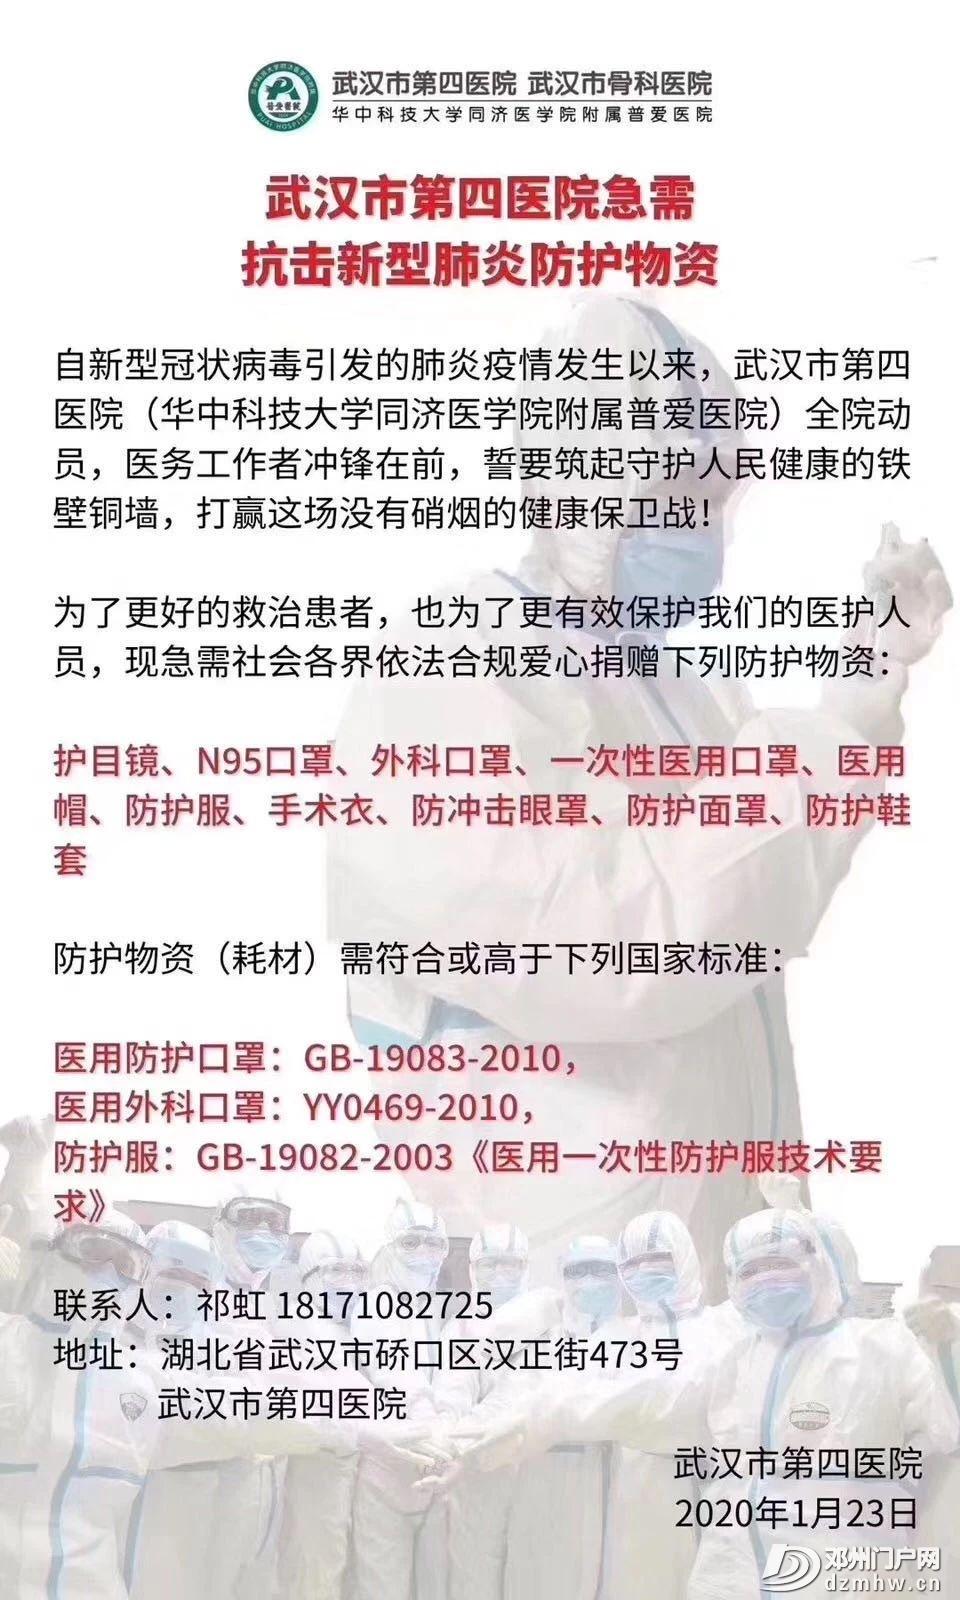 武汉医生向全国发出声嘶力竭的SOS求援信号! - 邓州门户网 邓州网 - 52170fddaf427f257ca135e68d97e996.jpg